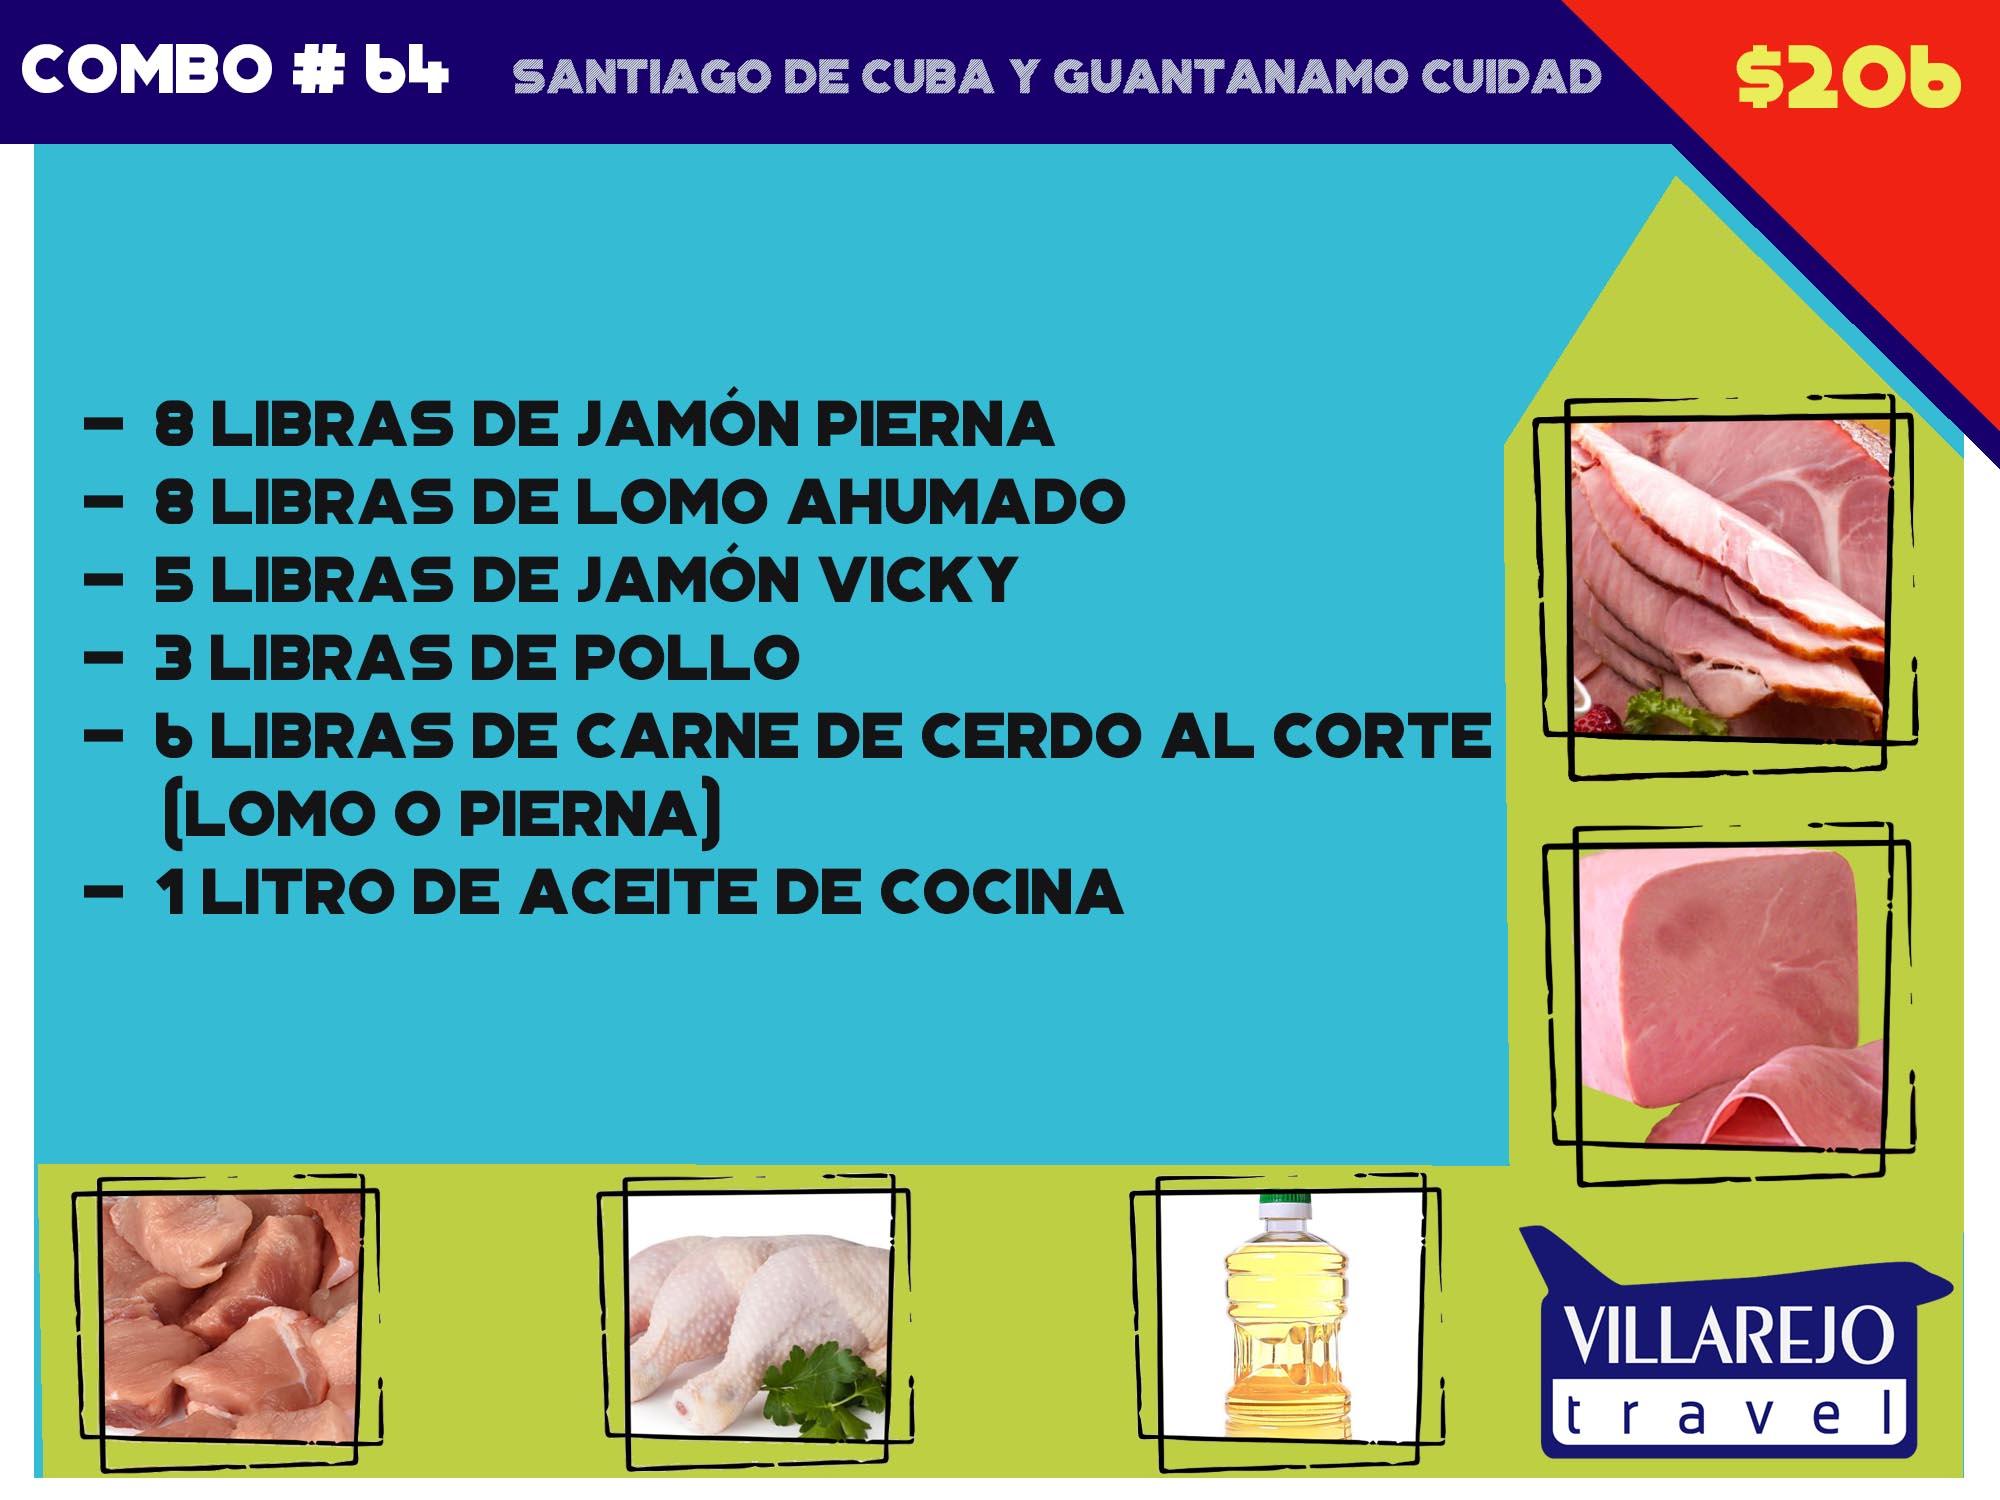 COMBO # 64  SANTIAGO DE CUBA Y GUANTANAMO CIUDAD